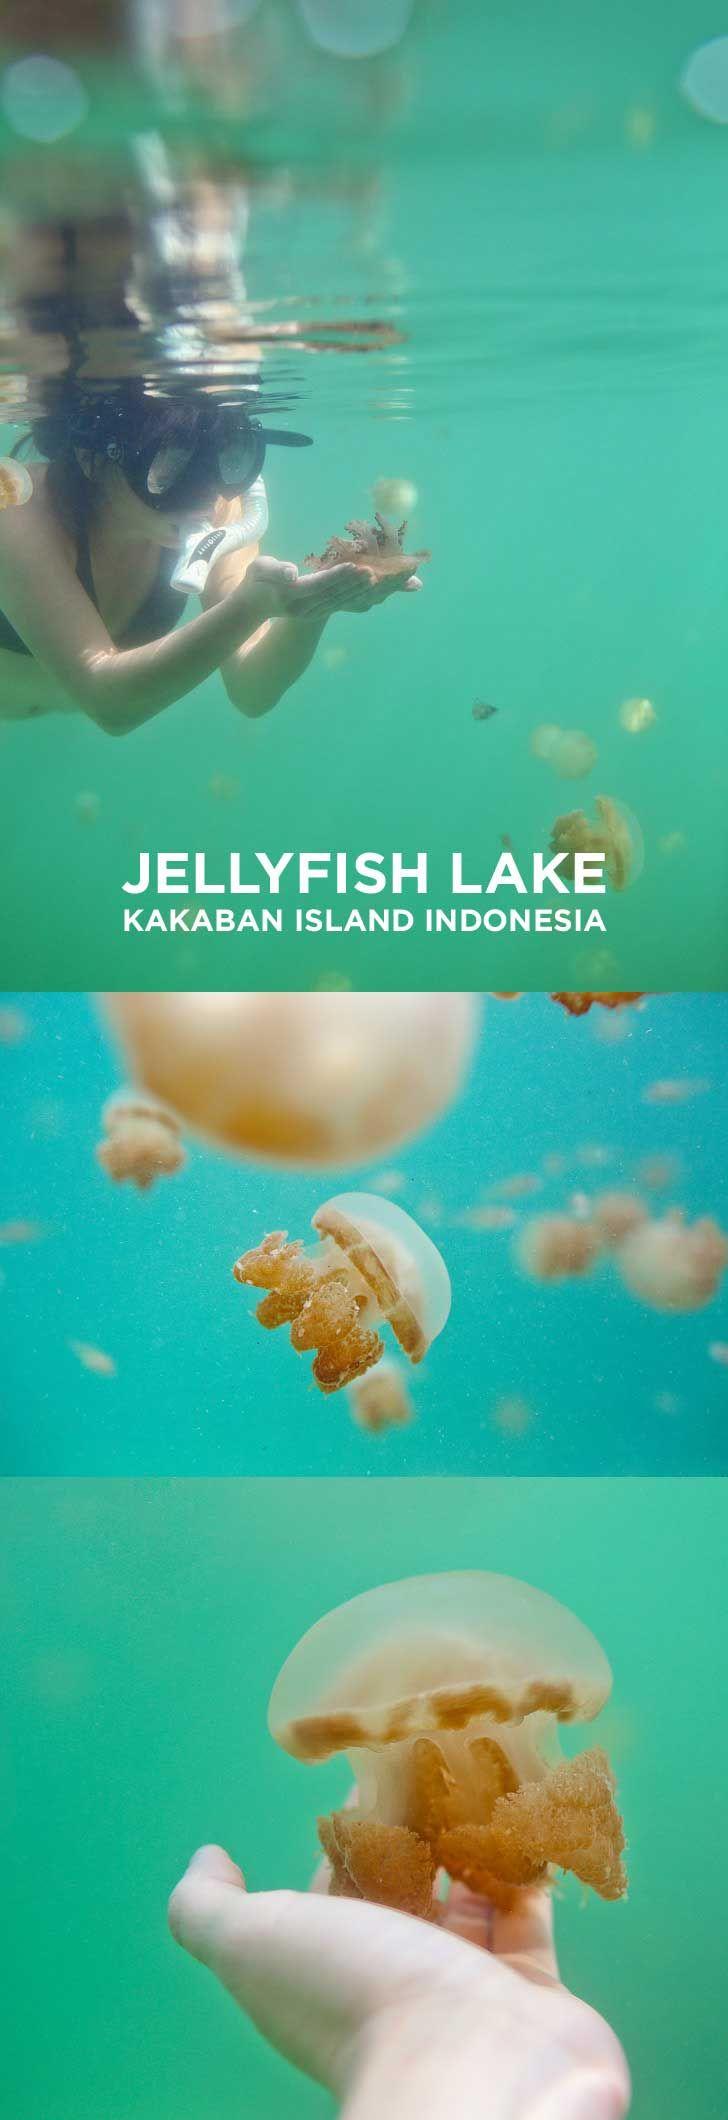 Swimming with Stingless Jellyfish at Jellyfish Lake Kakaban Island Indonesia // localadventurer.com